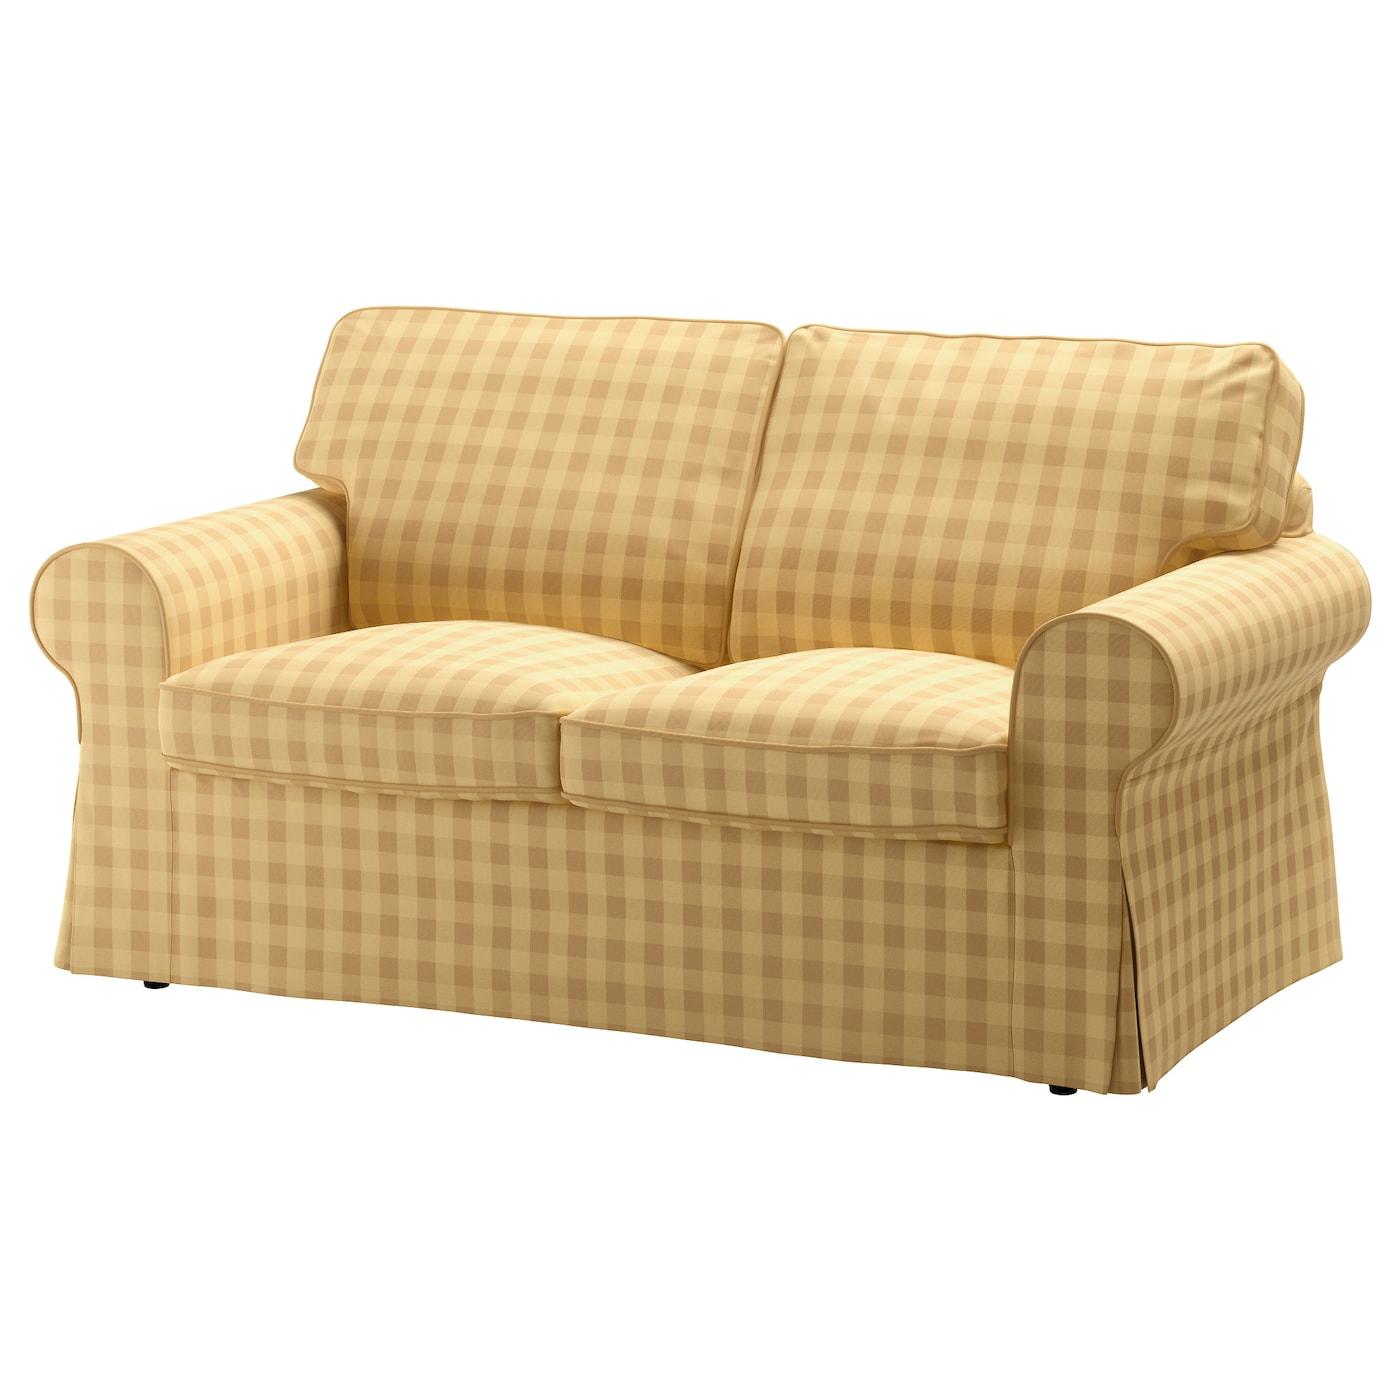 sessel mit schlaffunktion ikea. Black Bedroom Furniture Sets. Home Design Ideas